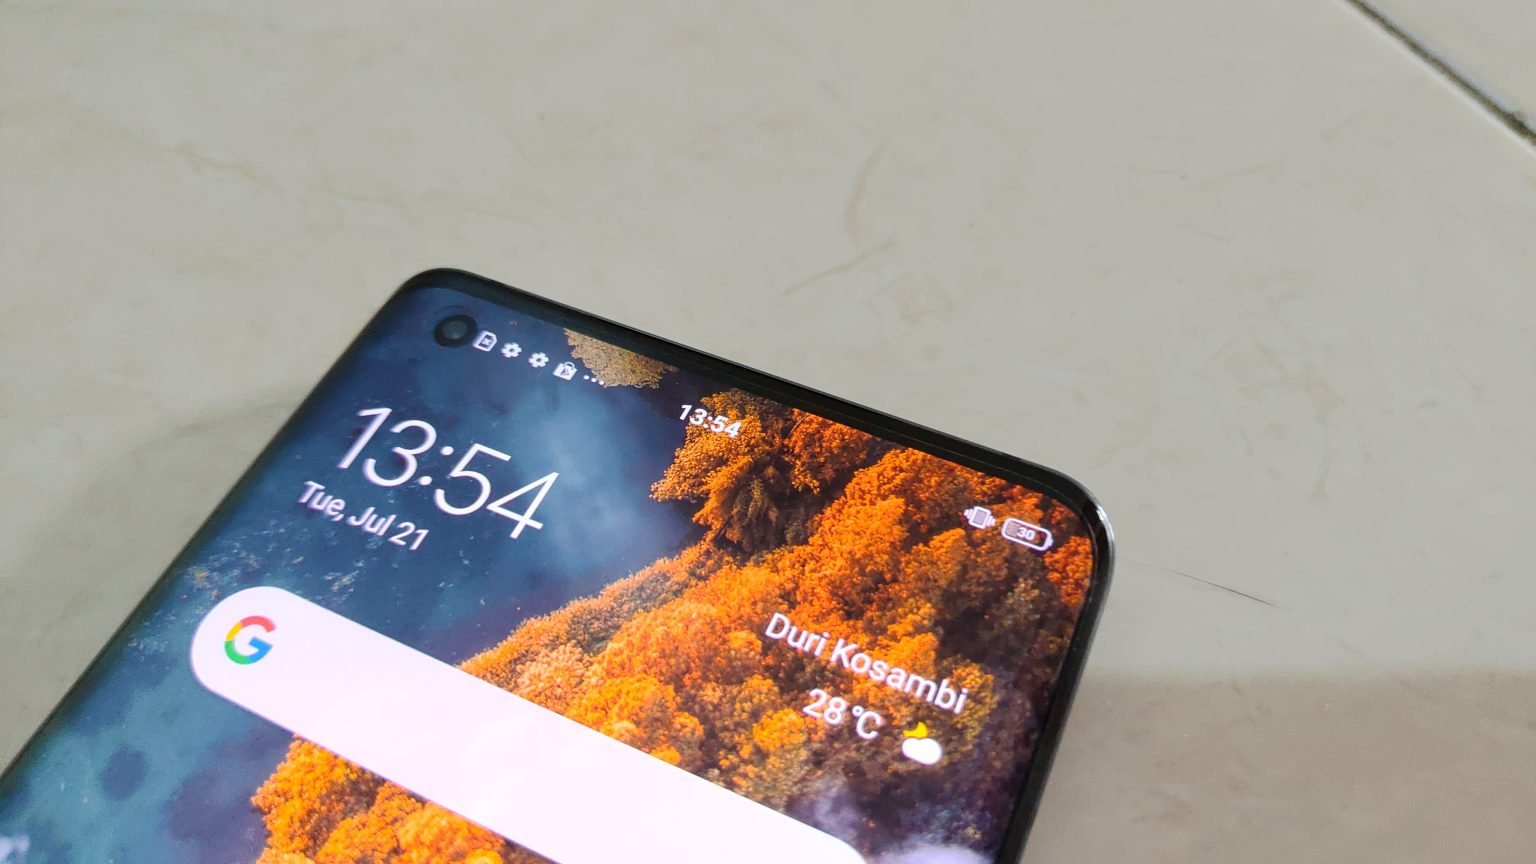 Обзор смартфона vivo x30 pro с основными характеристиками